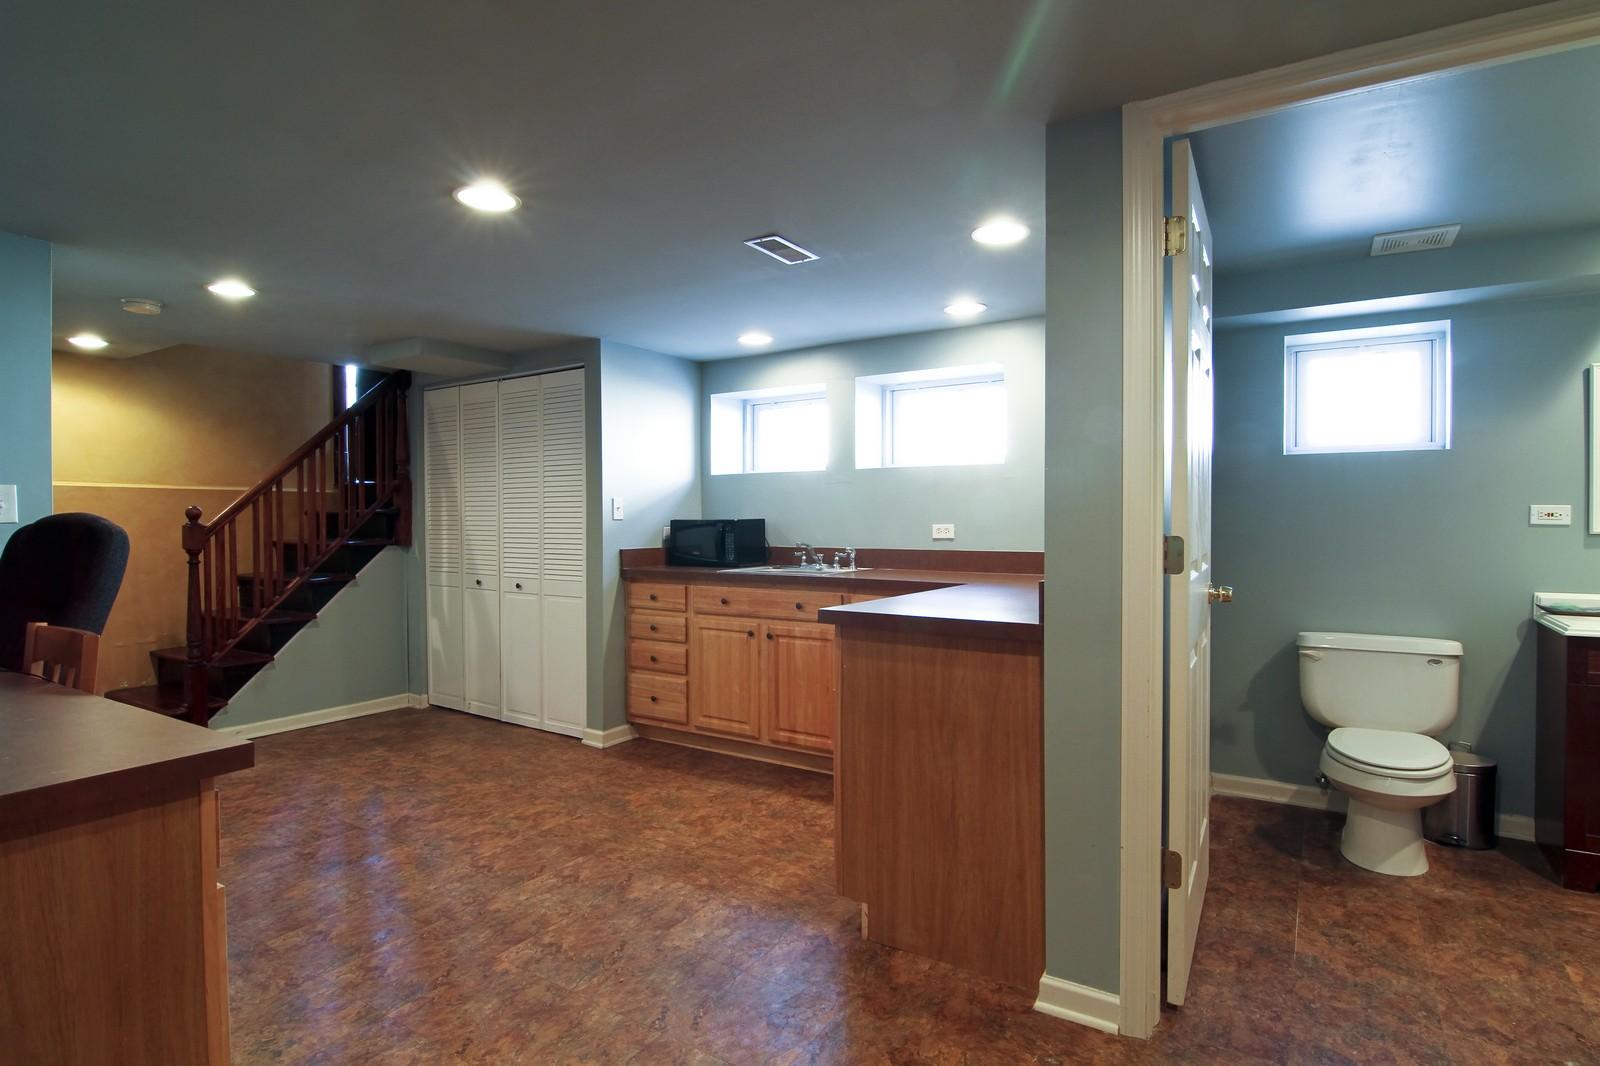 Real Estate Photography - 338 S. 8th, La Grange, IL, 60525 - Lower Level